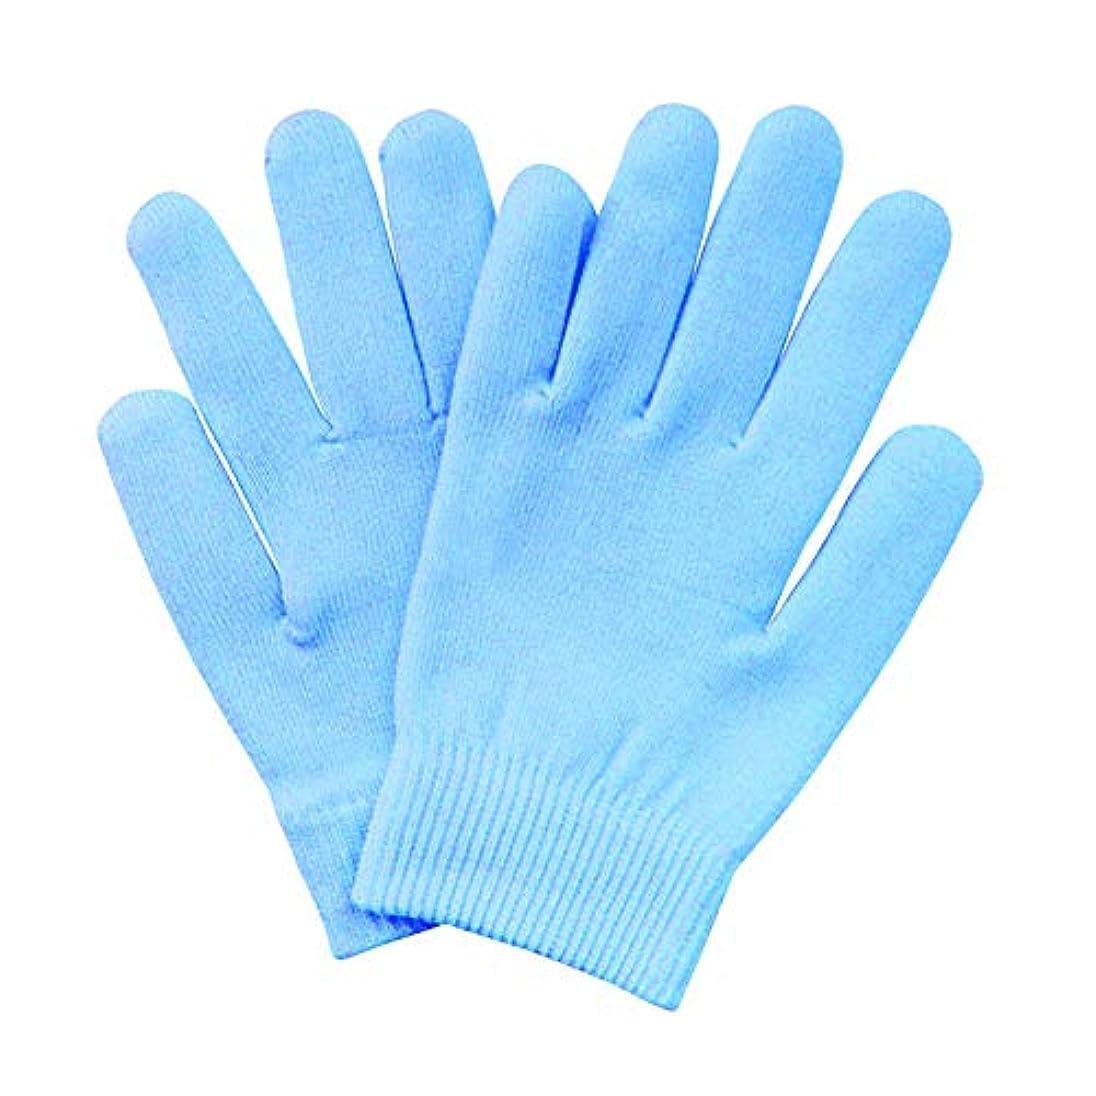 リクルートサミュエルコメンテーターPinkiou SPAジェルグローブ 手袋 保湿 美肌 手袋 ハンドケア 角質ケア 手荒れ対策 スキンケア ホホバオイル ビタミンE レディース 綿 肌に優しい(ブルー)